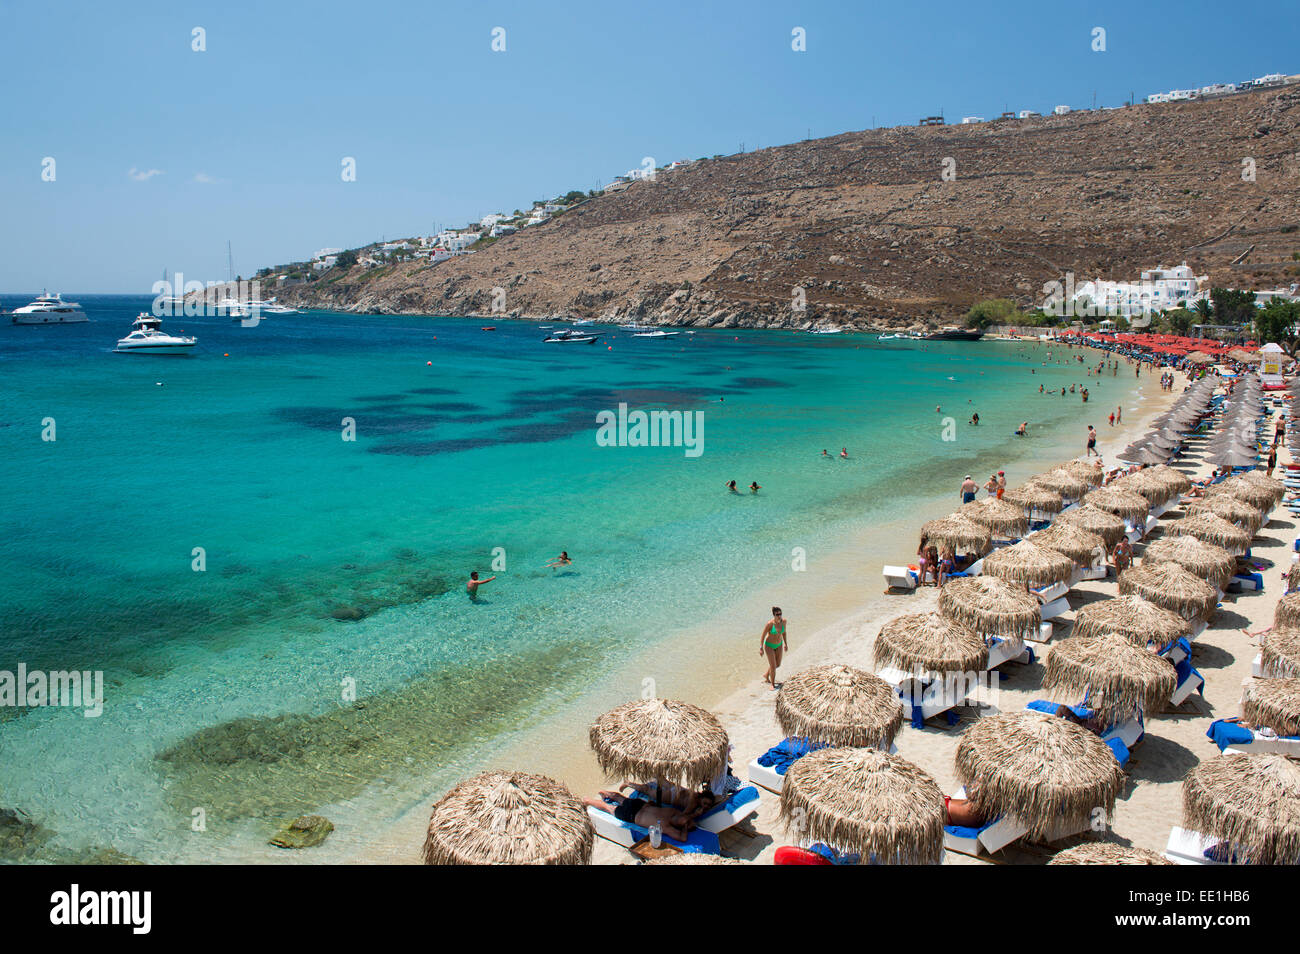 Strohgedeckte Sonnenschirme am Strand von Ornos auf Mykonos, die Kykladen, griechische Inseln, Griechenland, Europa Stockbild